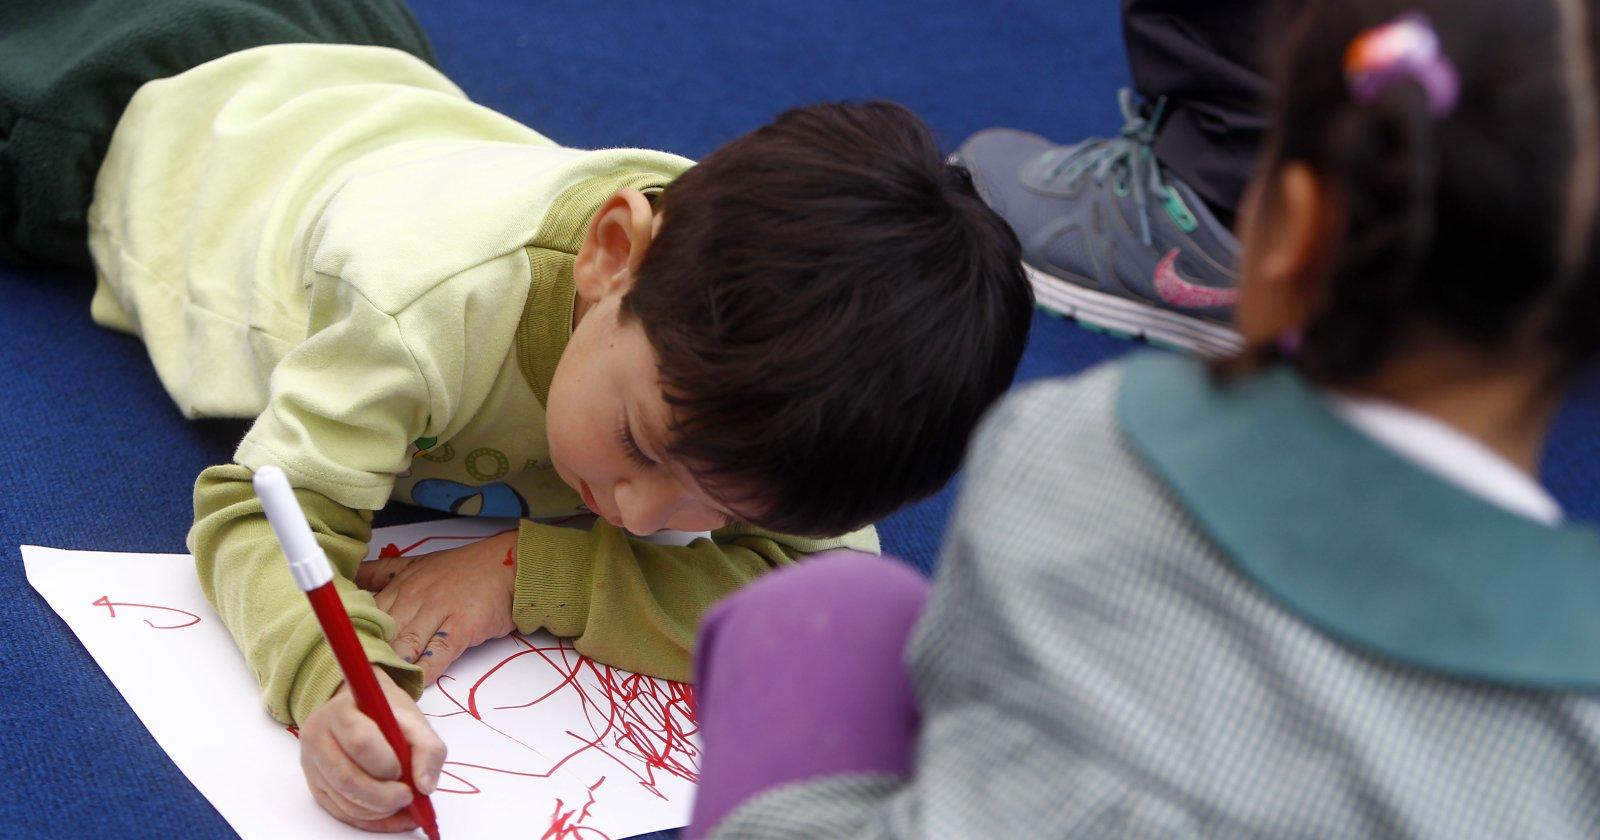 Actividades educativas: ¿cómo fortalecer en los niños los valores para la convivencia?